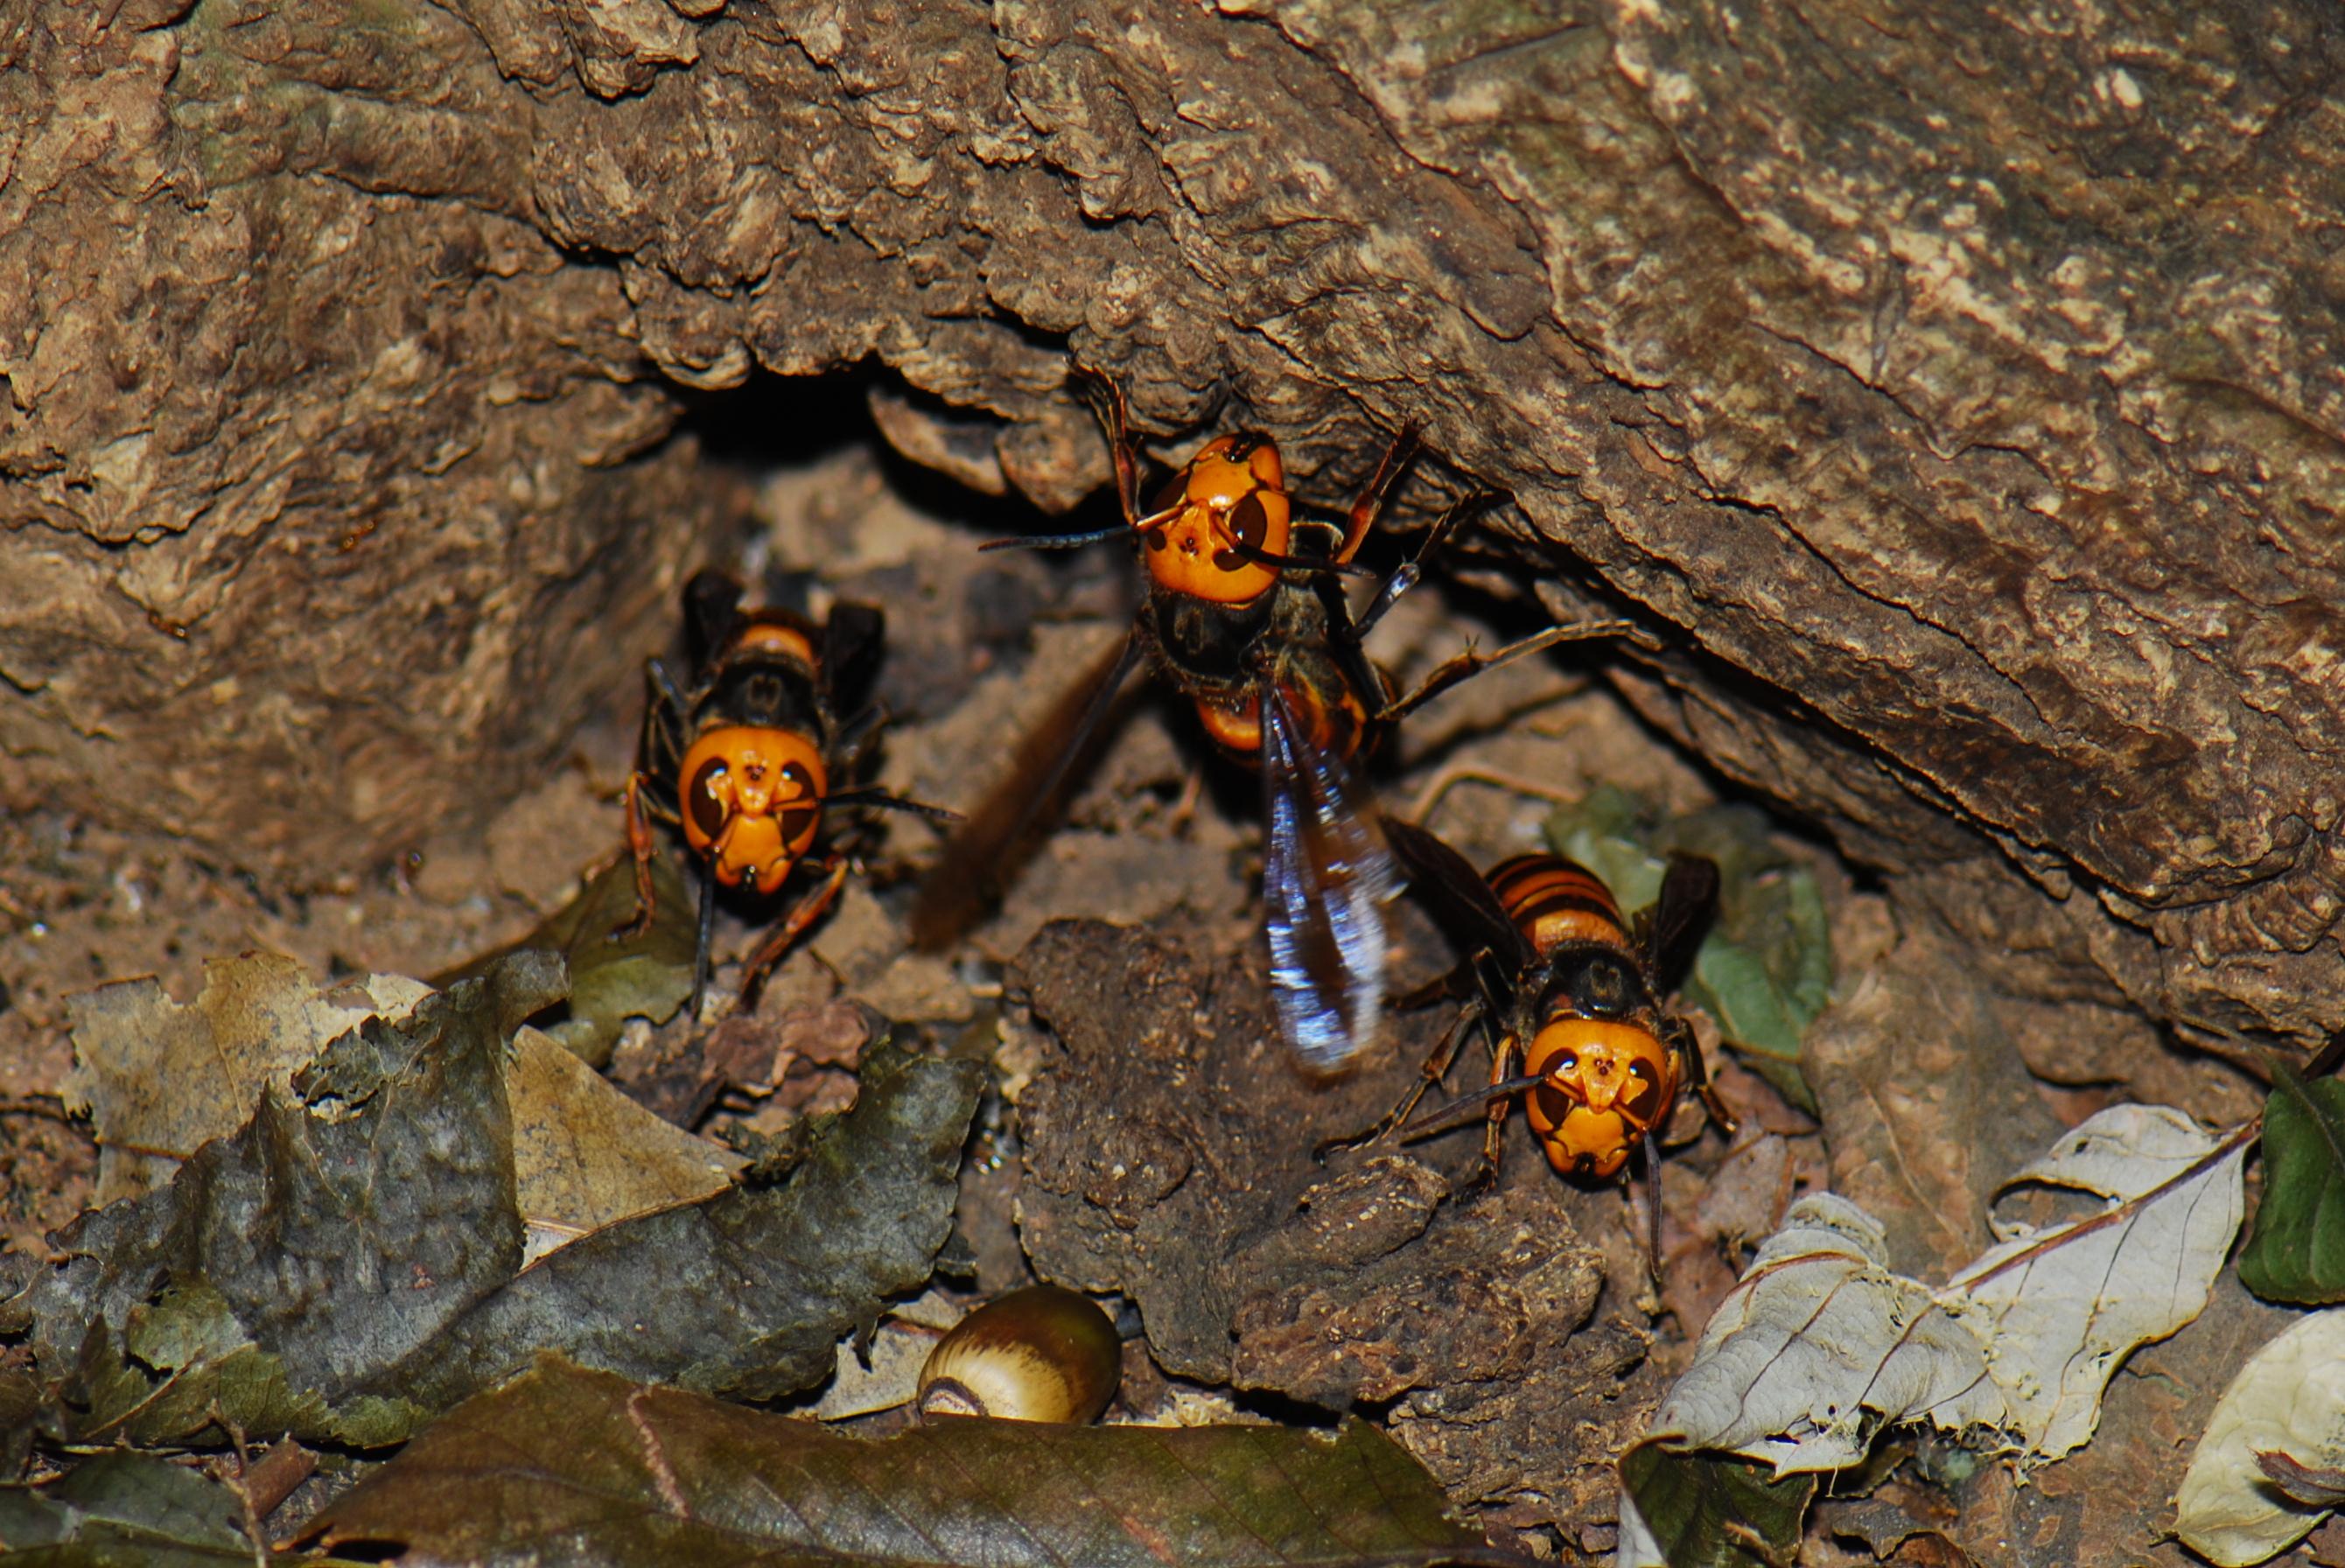 オオスズメバチ どこかでオオスズメバチが襲撃してニホンミツバチを敗走させたものと思われますが、